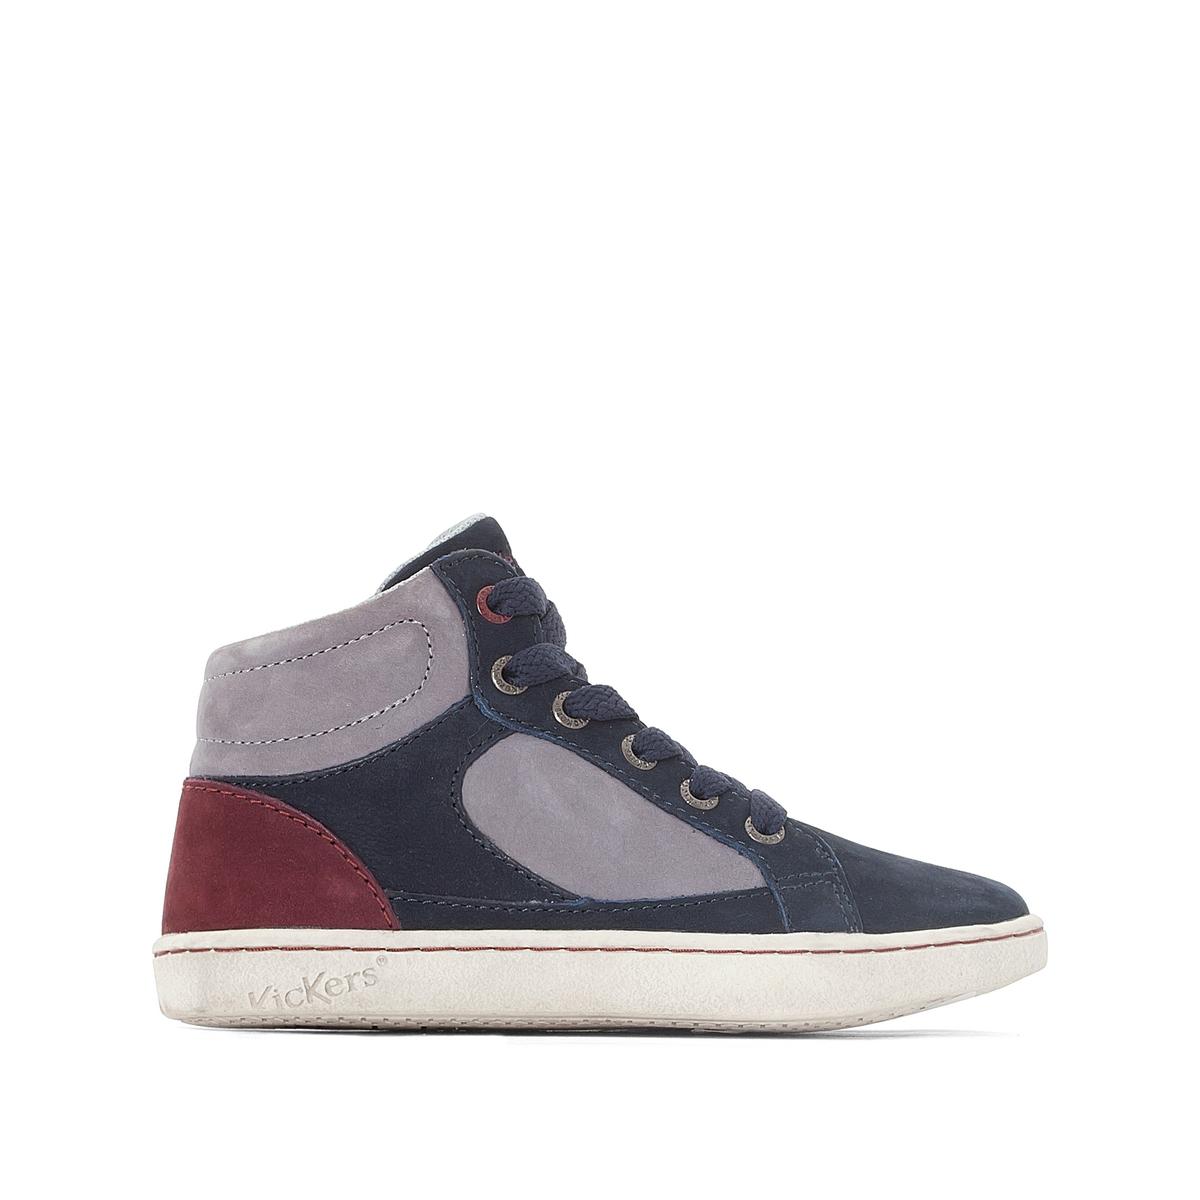 Кеды высокие LYNXОписание:Детали  •  Кеды высокие •  Спортивный стиль •  Плоский каблук •  Застежка : на молнию •  Гладкая отделкаСостав и уход  •  Верх 100% кожа •  Подкладка 100% синтетический материал •  Стелька 100% спилок •  Подошва 100% синтетический материал<br><br>Цвет: каштановый / красный,серый/ оранжевый,темно-синий/бордовый